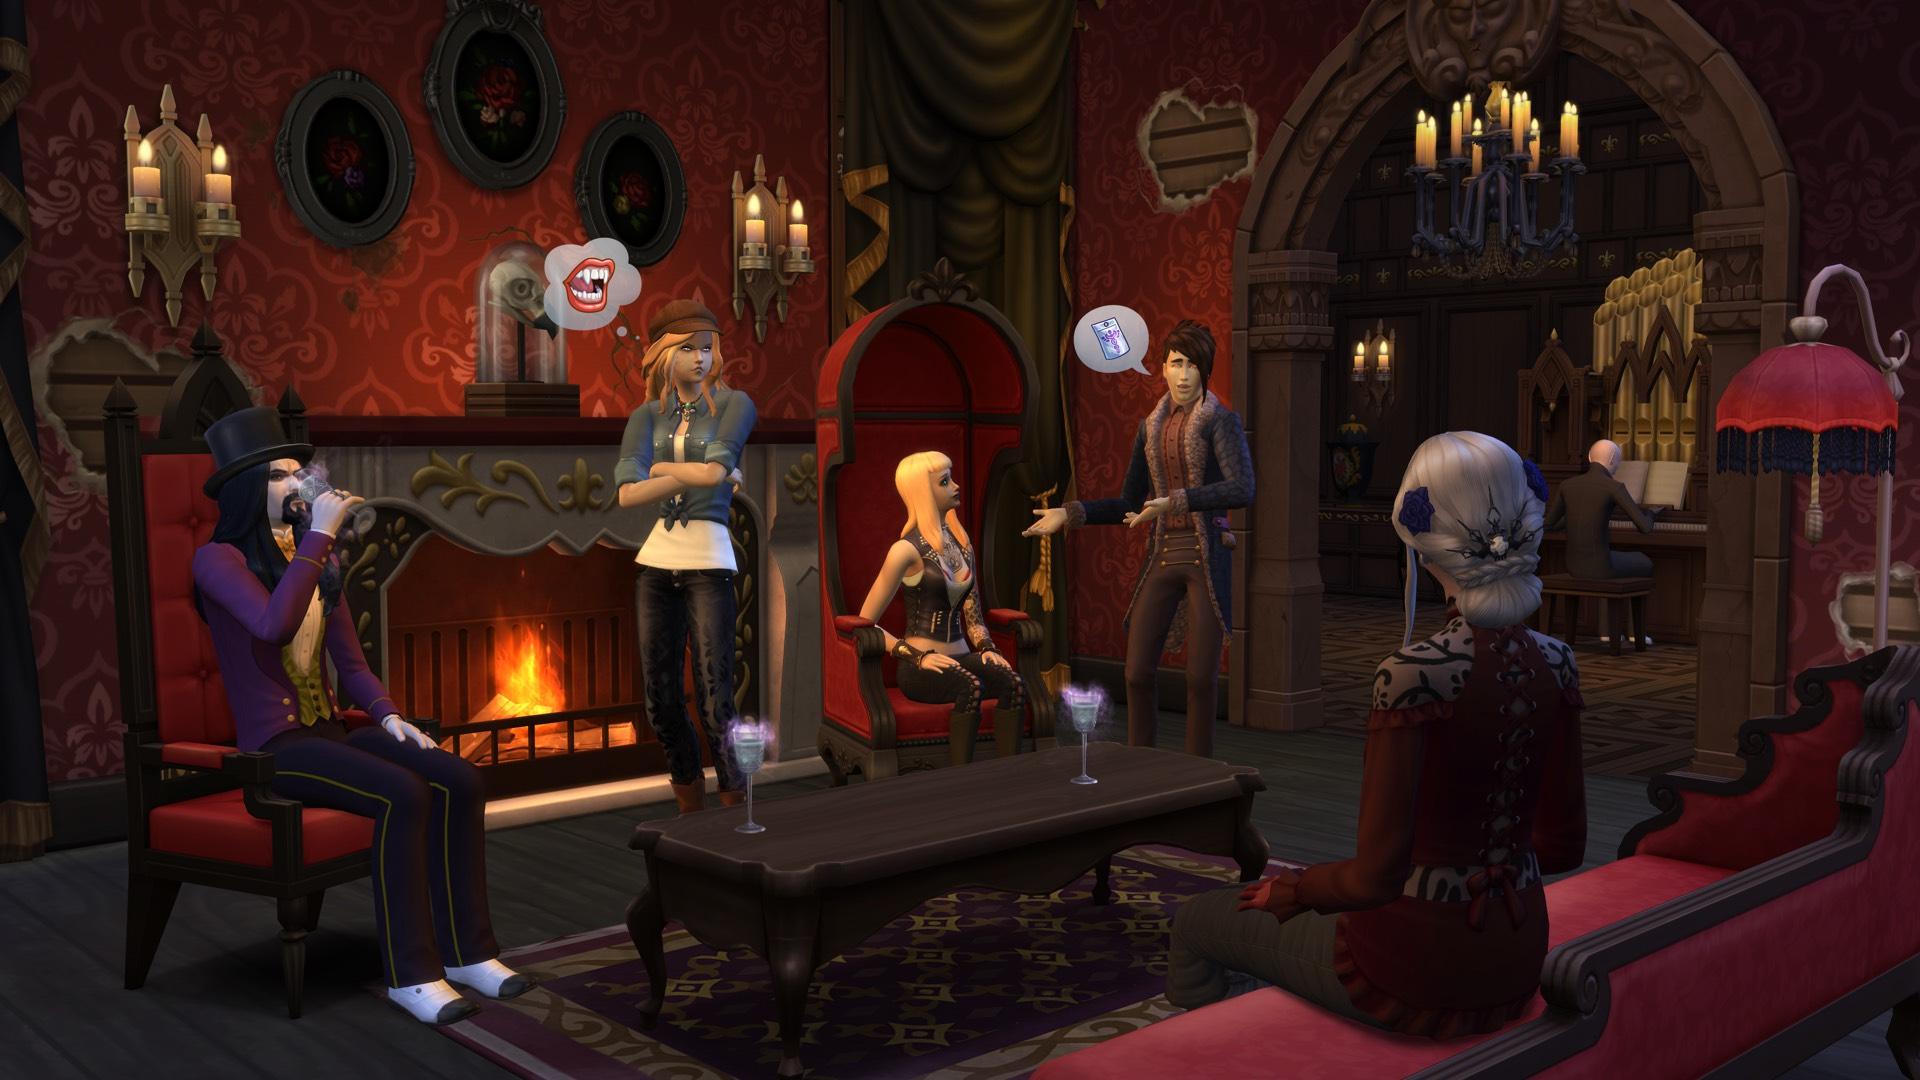 Die Sims 4: Vampire - Gameplay Pack